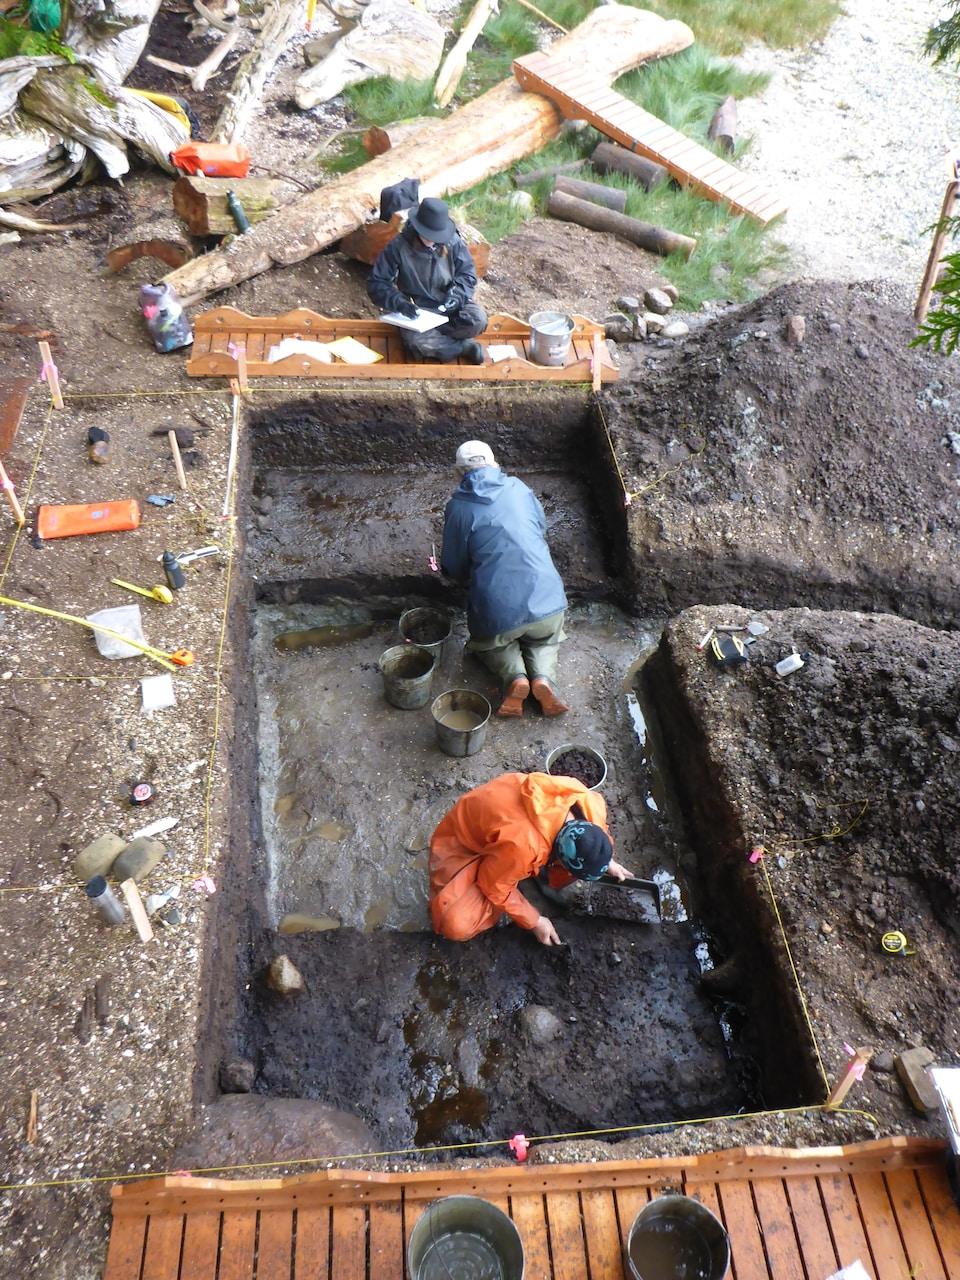 Des chercheurs font des fouilles archéologiques.